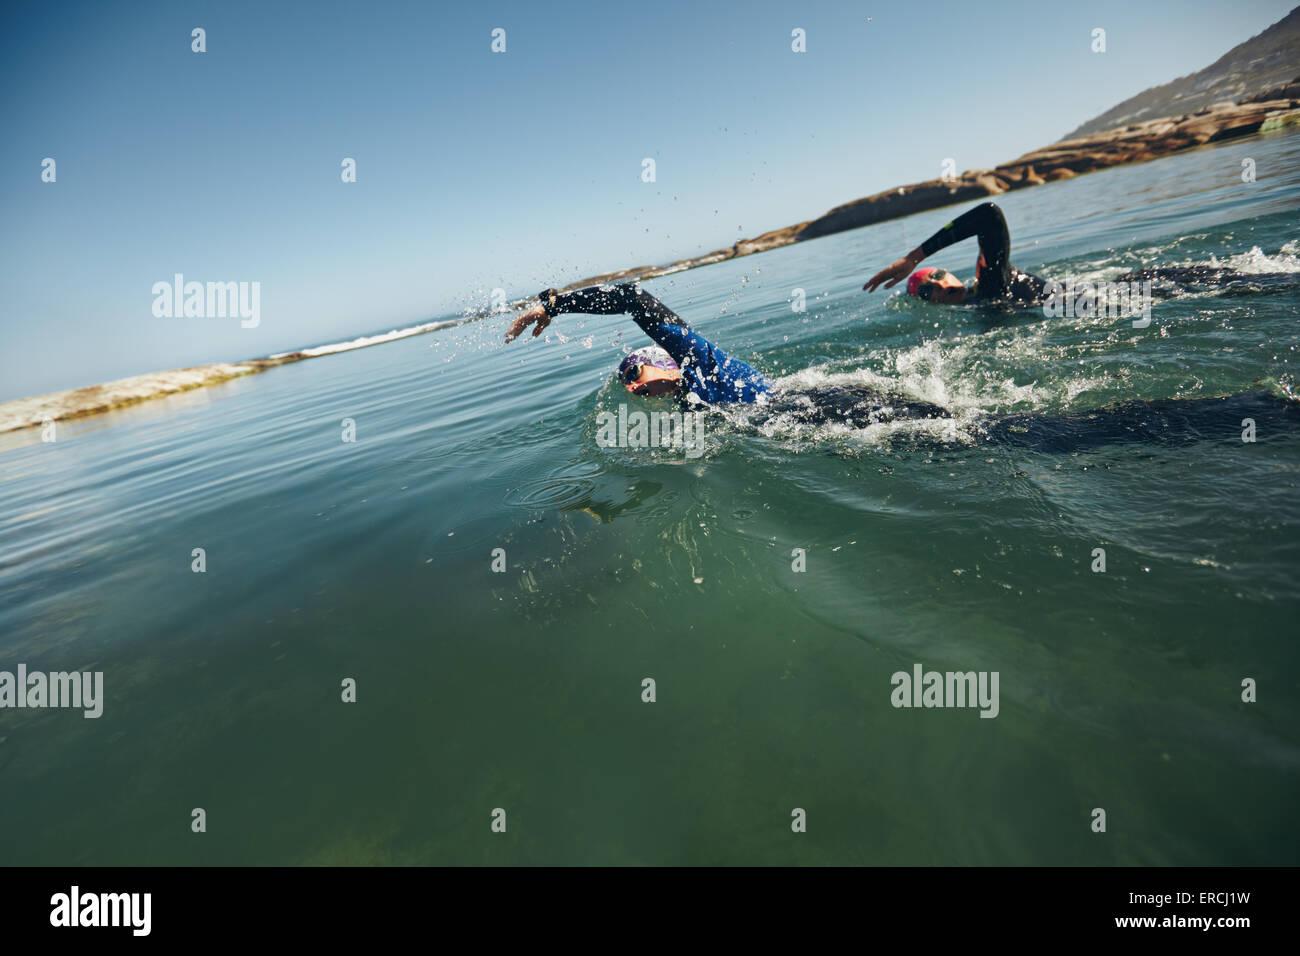 Los atletas de competición triathletic natación. Los competidores chapuzones freestyle en el agua. Imagen De Stock